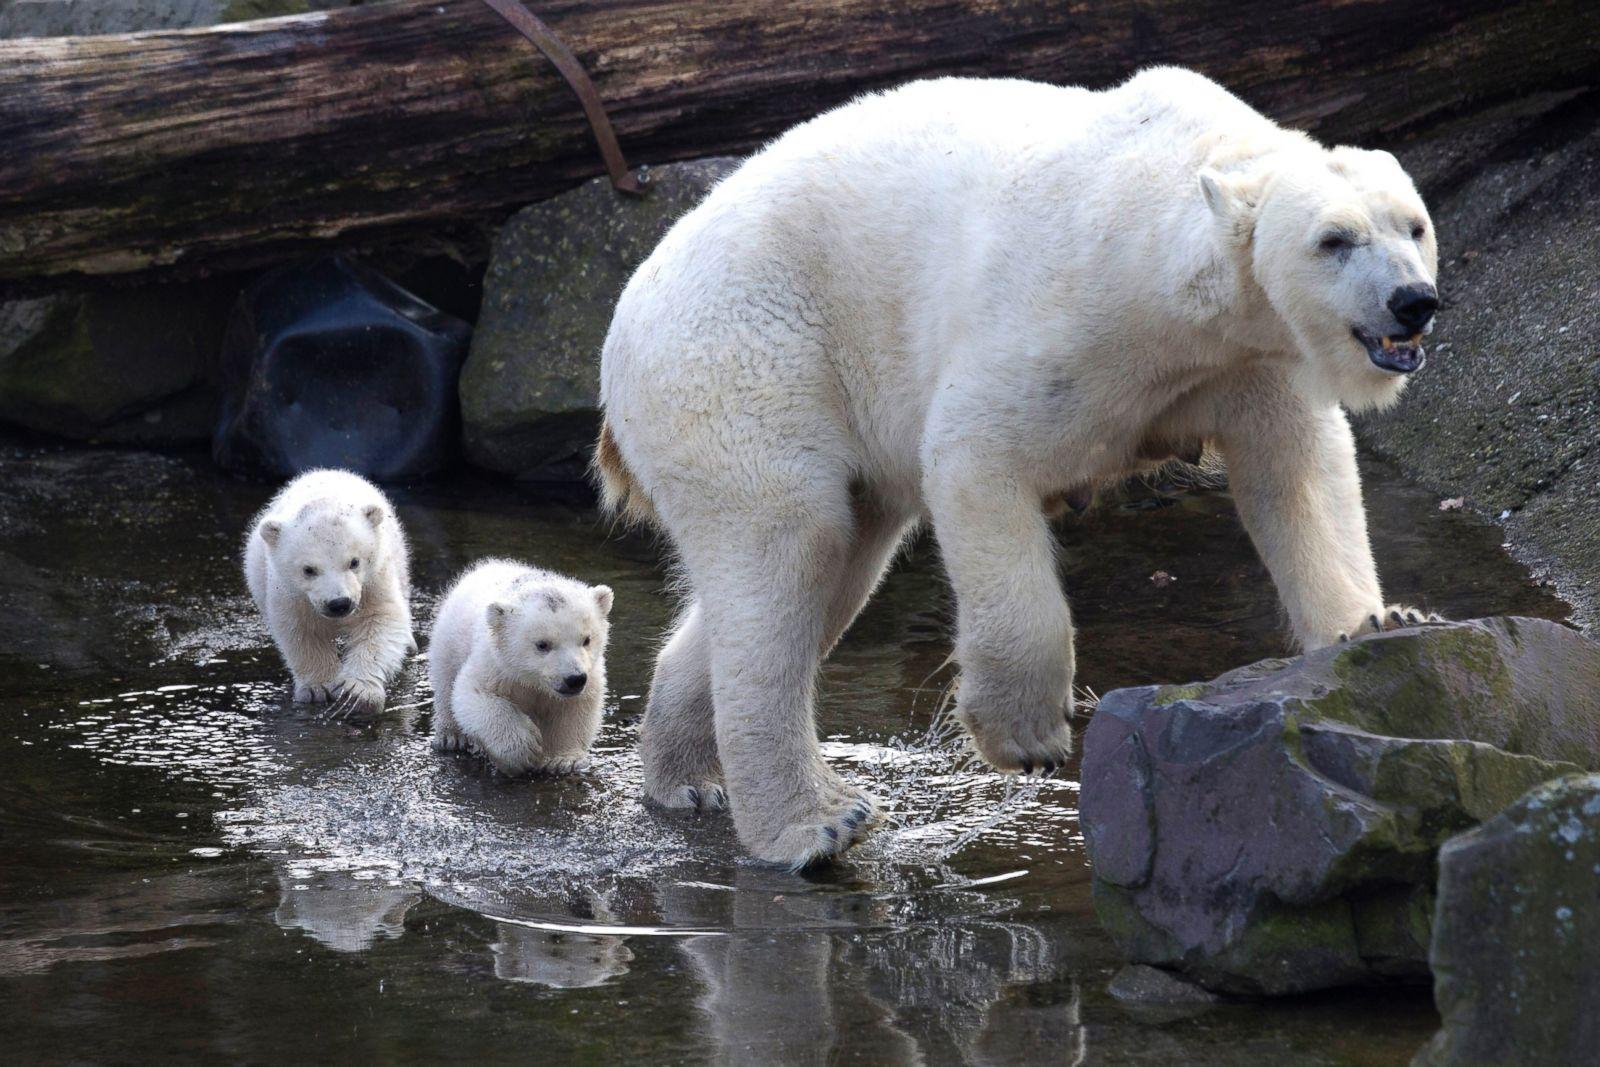 Cute Polar Bear Cubs Splash Through the Water Picture ...